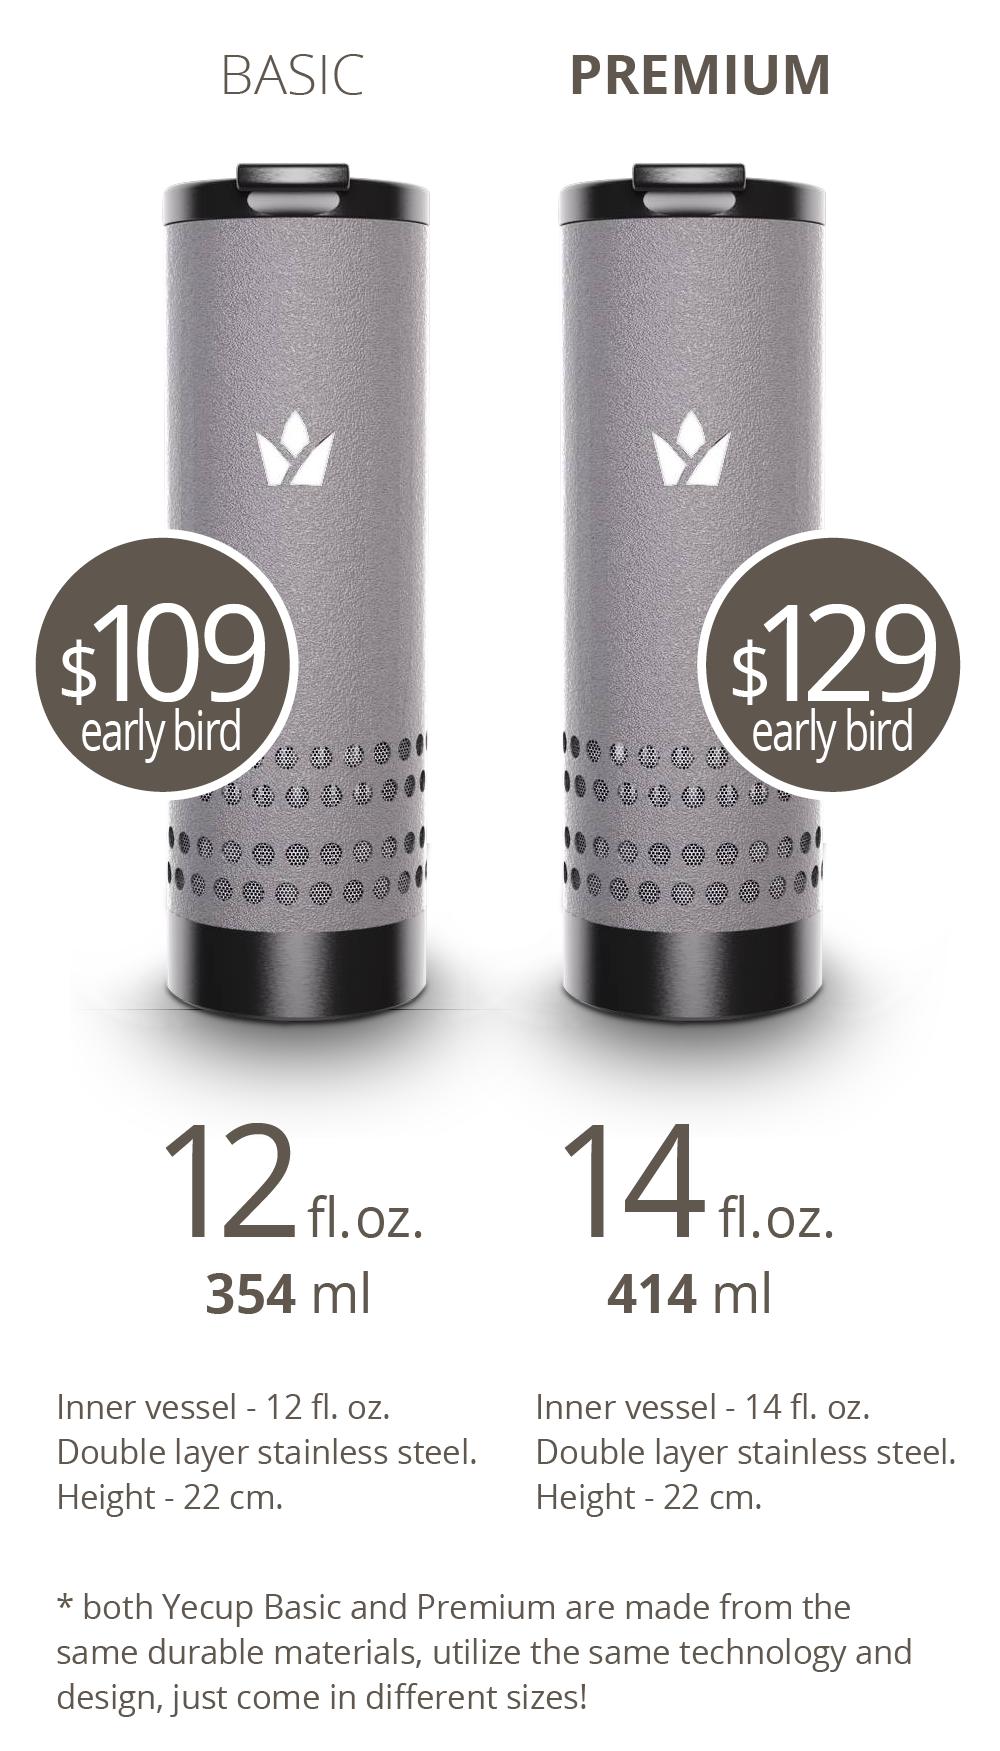 スマホで自由に温度調節できるタンブラー「Yecup 365」が便利すぎる!